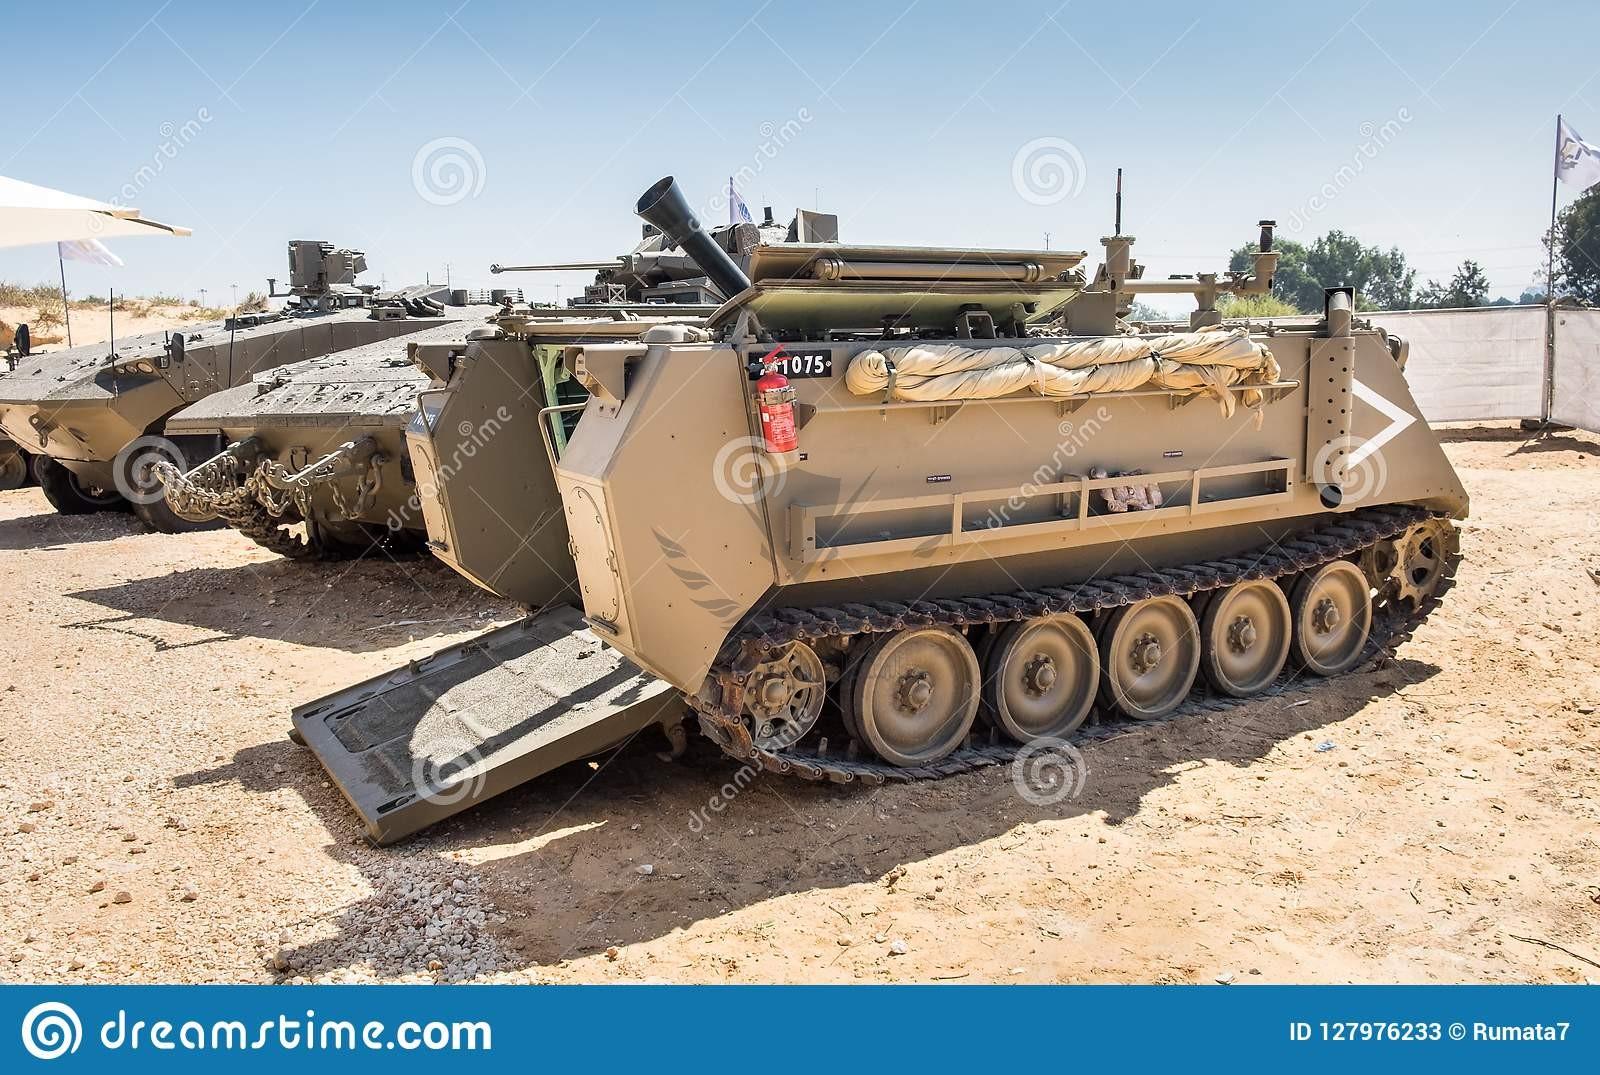 cardom-hatchet-israeli-mm-recoil-mortar-system-holon-israel-september-cardom-hatchet-israeli-m...jpg